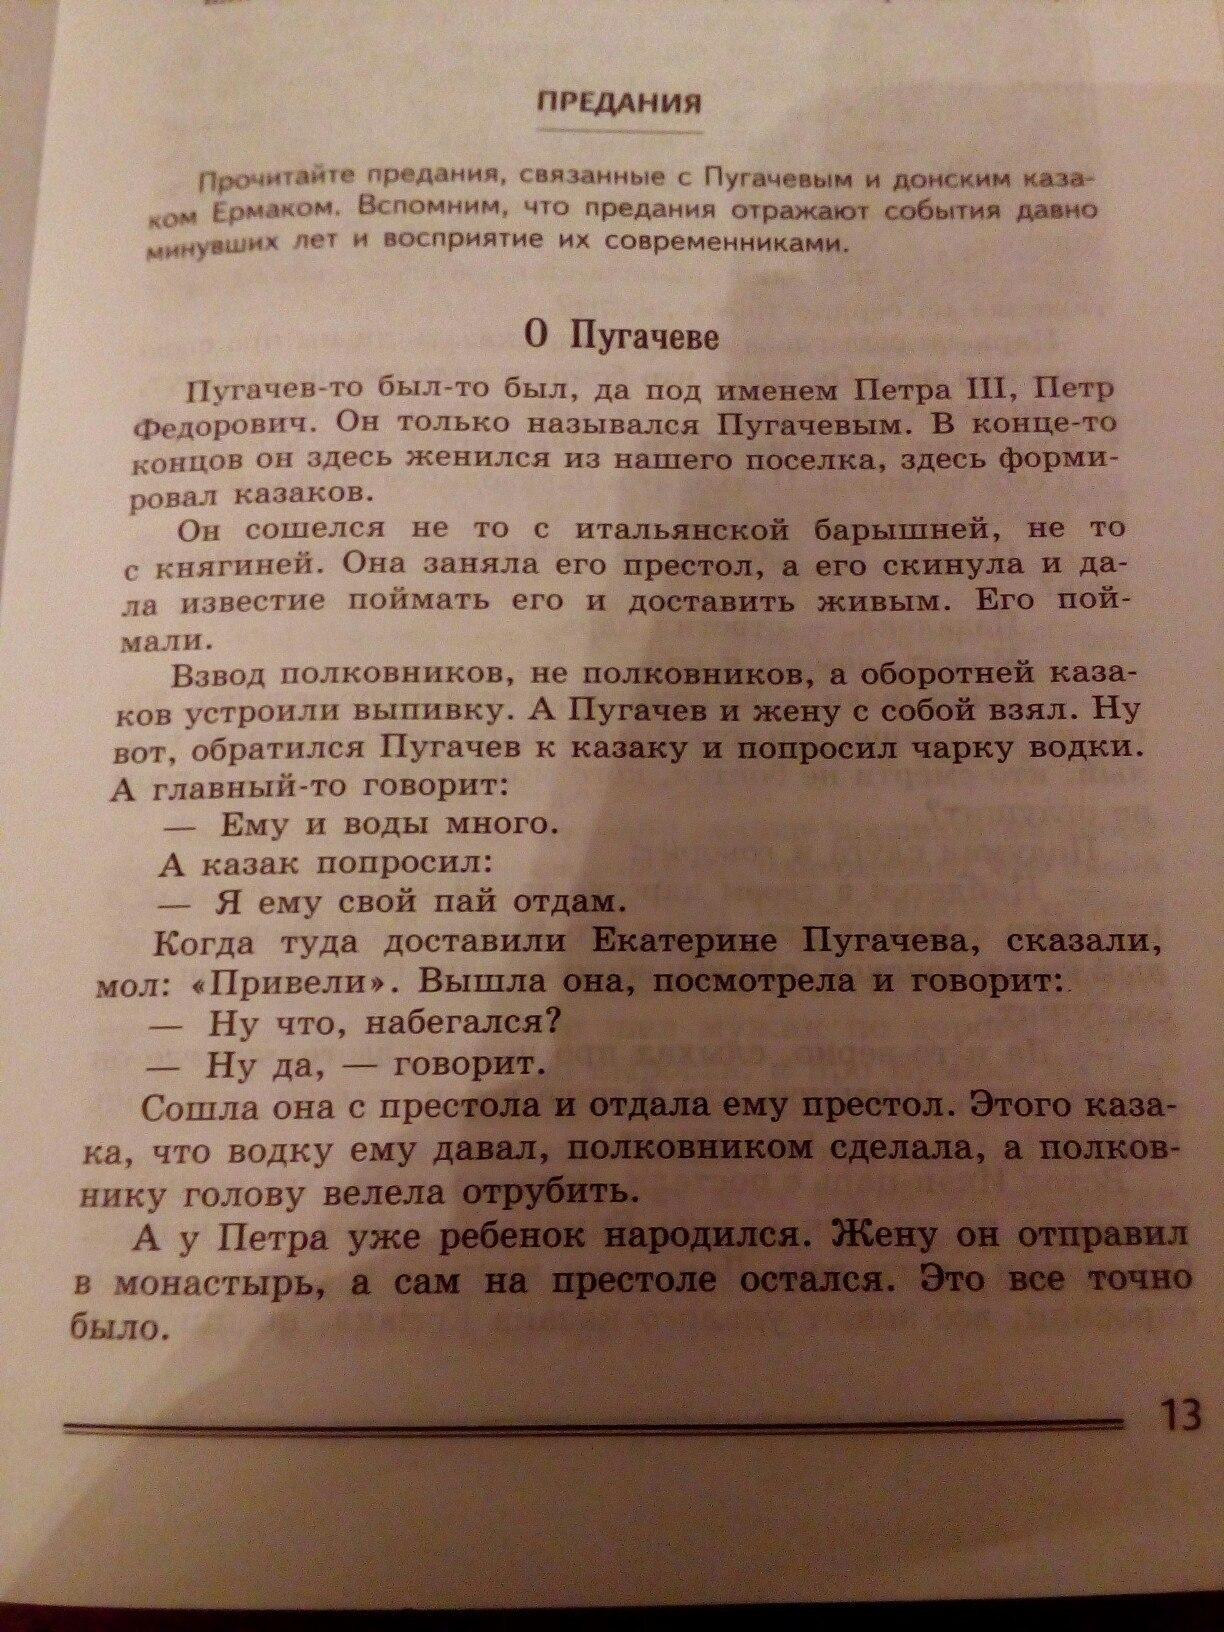 prezentatsiya-sochinenie-po-proizvedeniyu-esenina-pugachev-informatsionno-poiskovaya